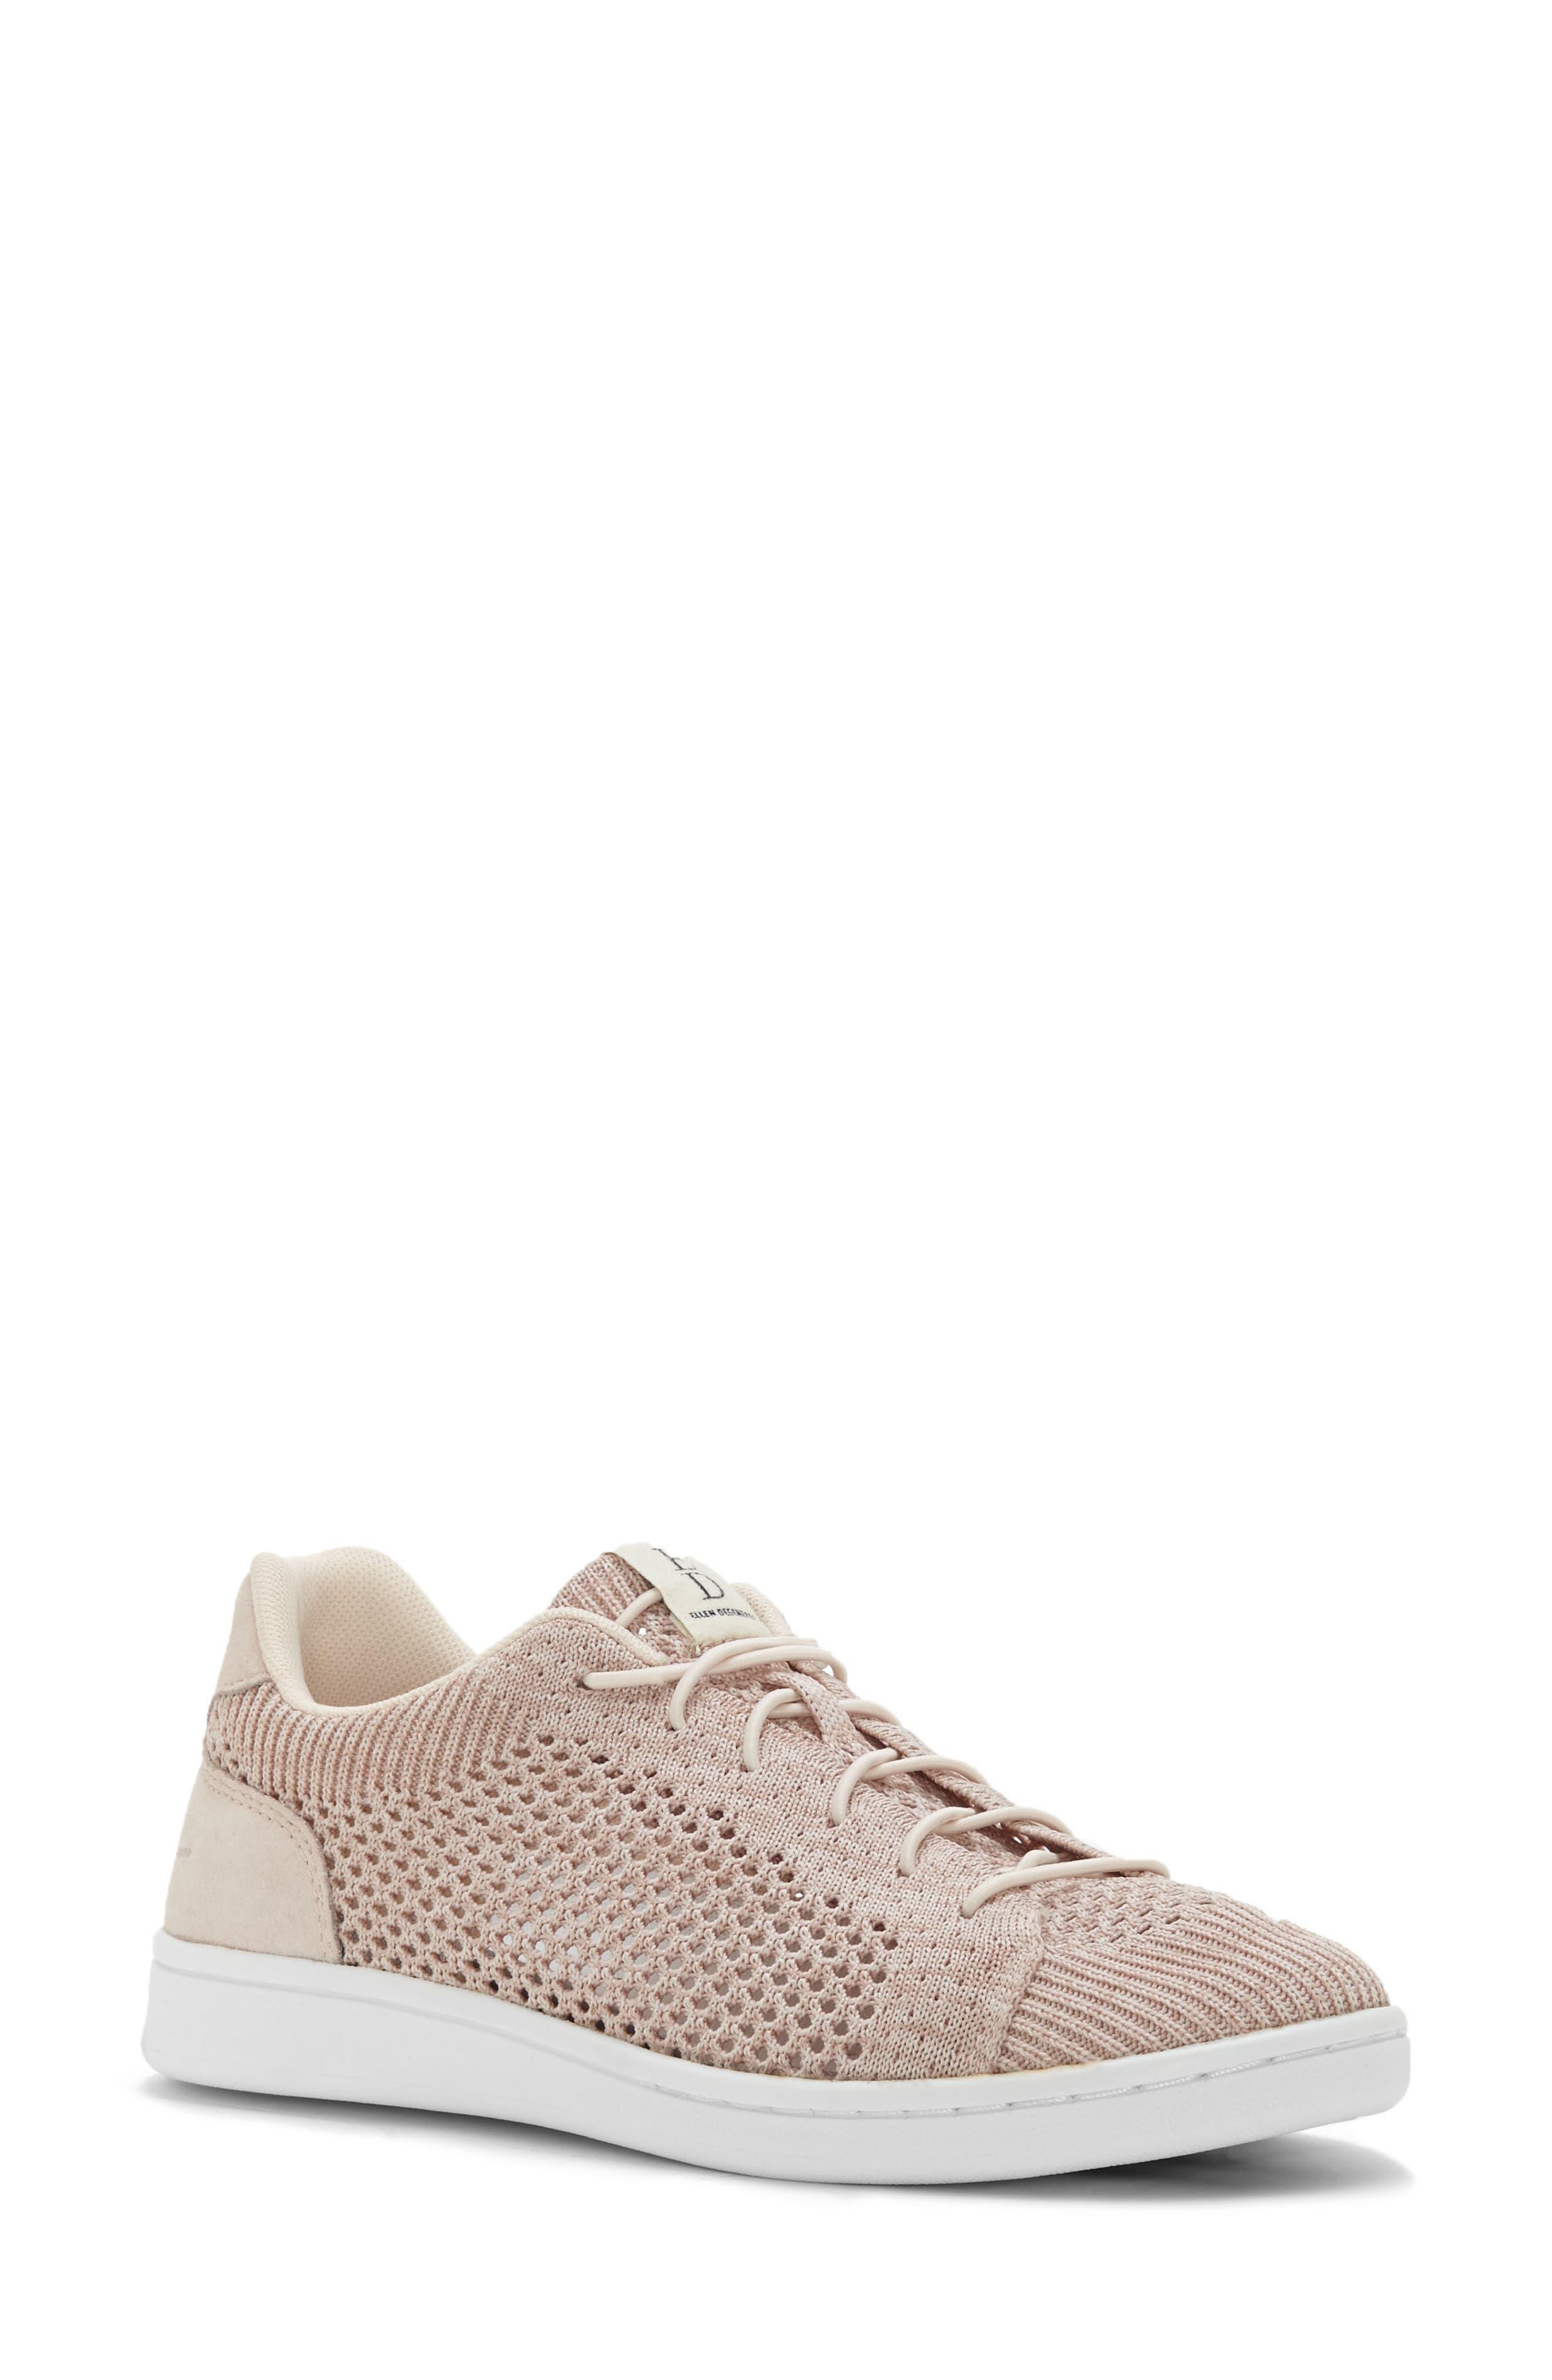 Main Image - ED Ellen DeGeneres Casie Knit Sneaker (Women)